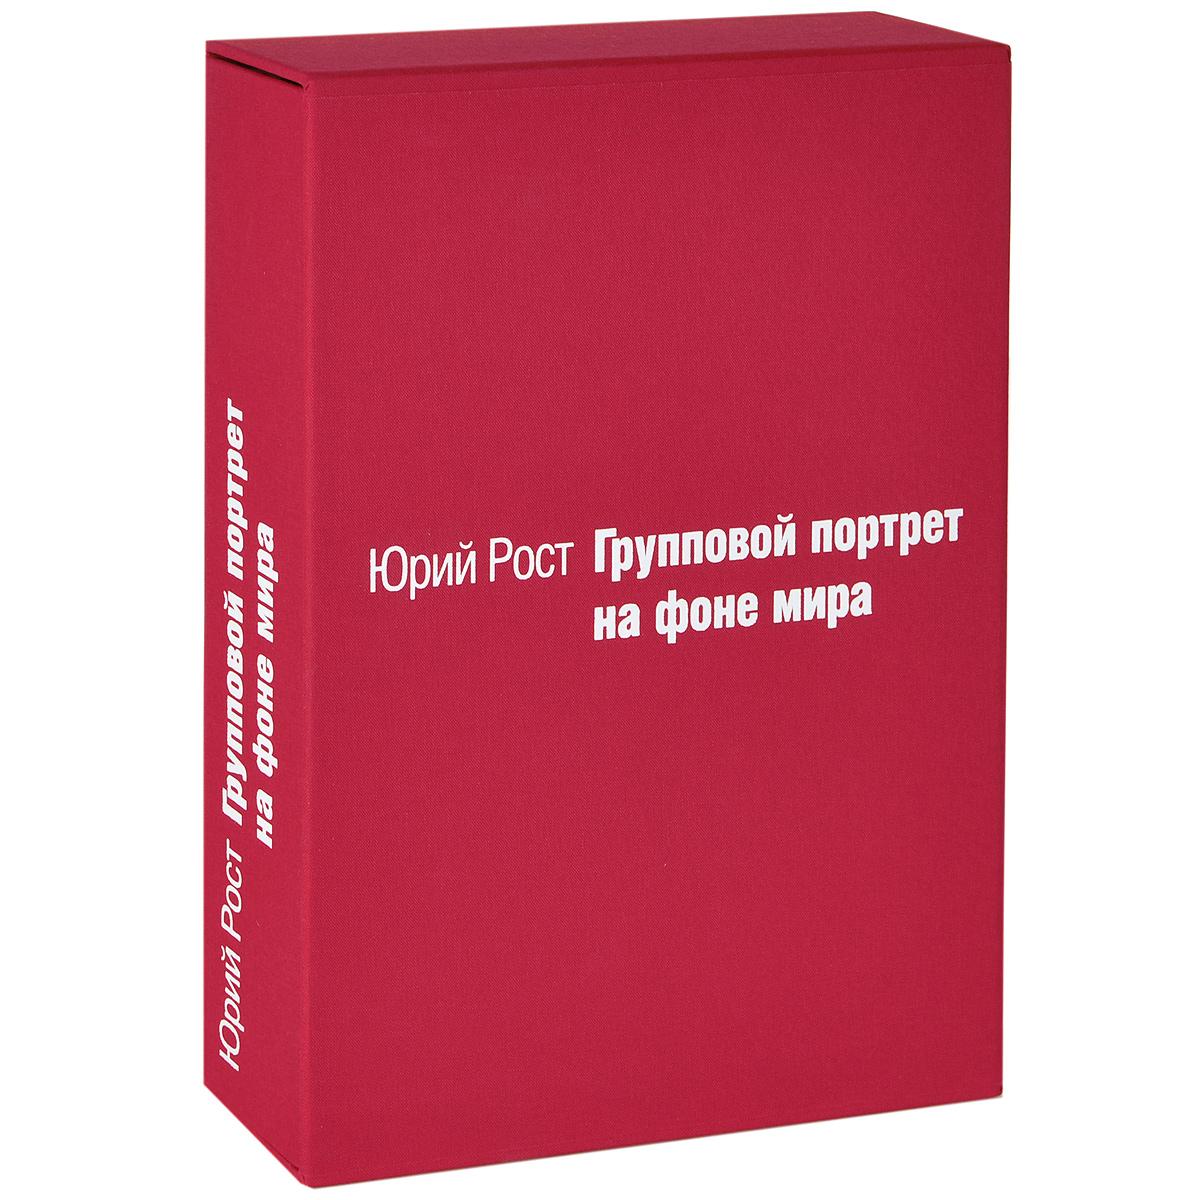 Групповой портрет на фоне мира (эксклюзивное подарочное издание)